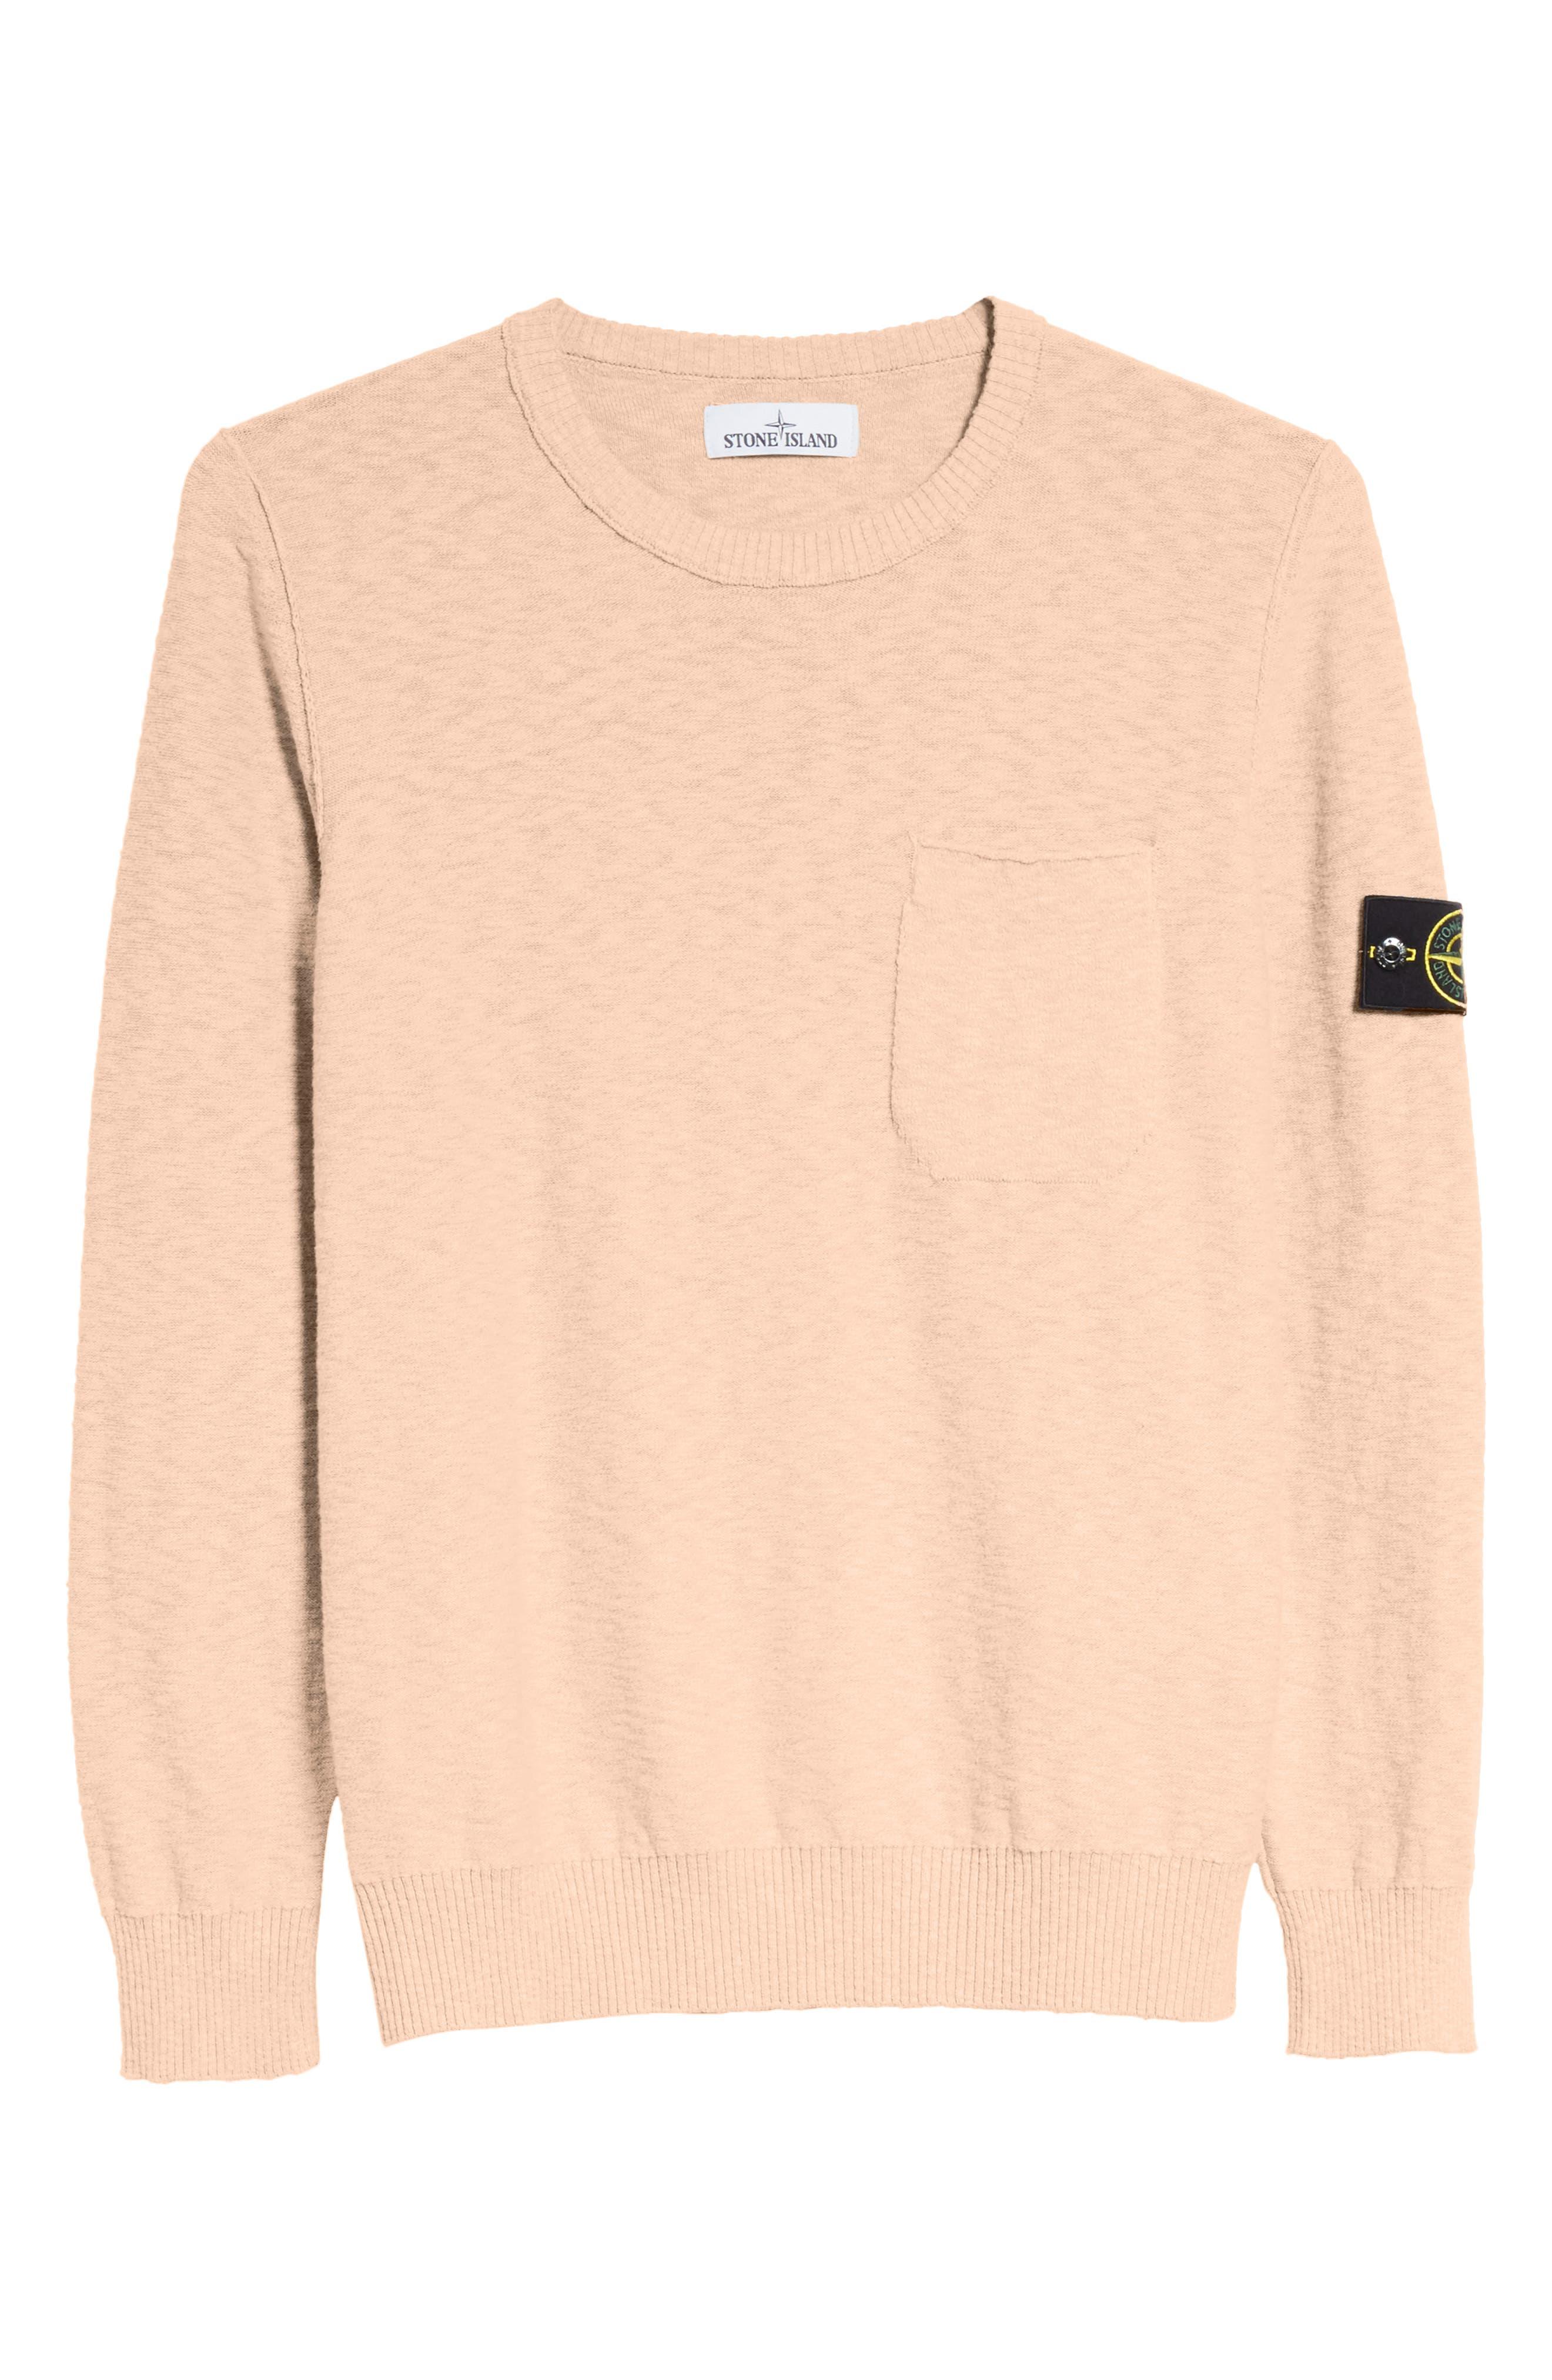 Garment Dyed Cotton Blend Sweatshirt,                             Alternate thumbnail 6, color,                             Coral